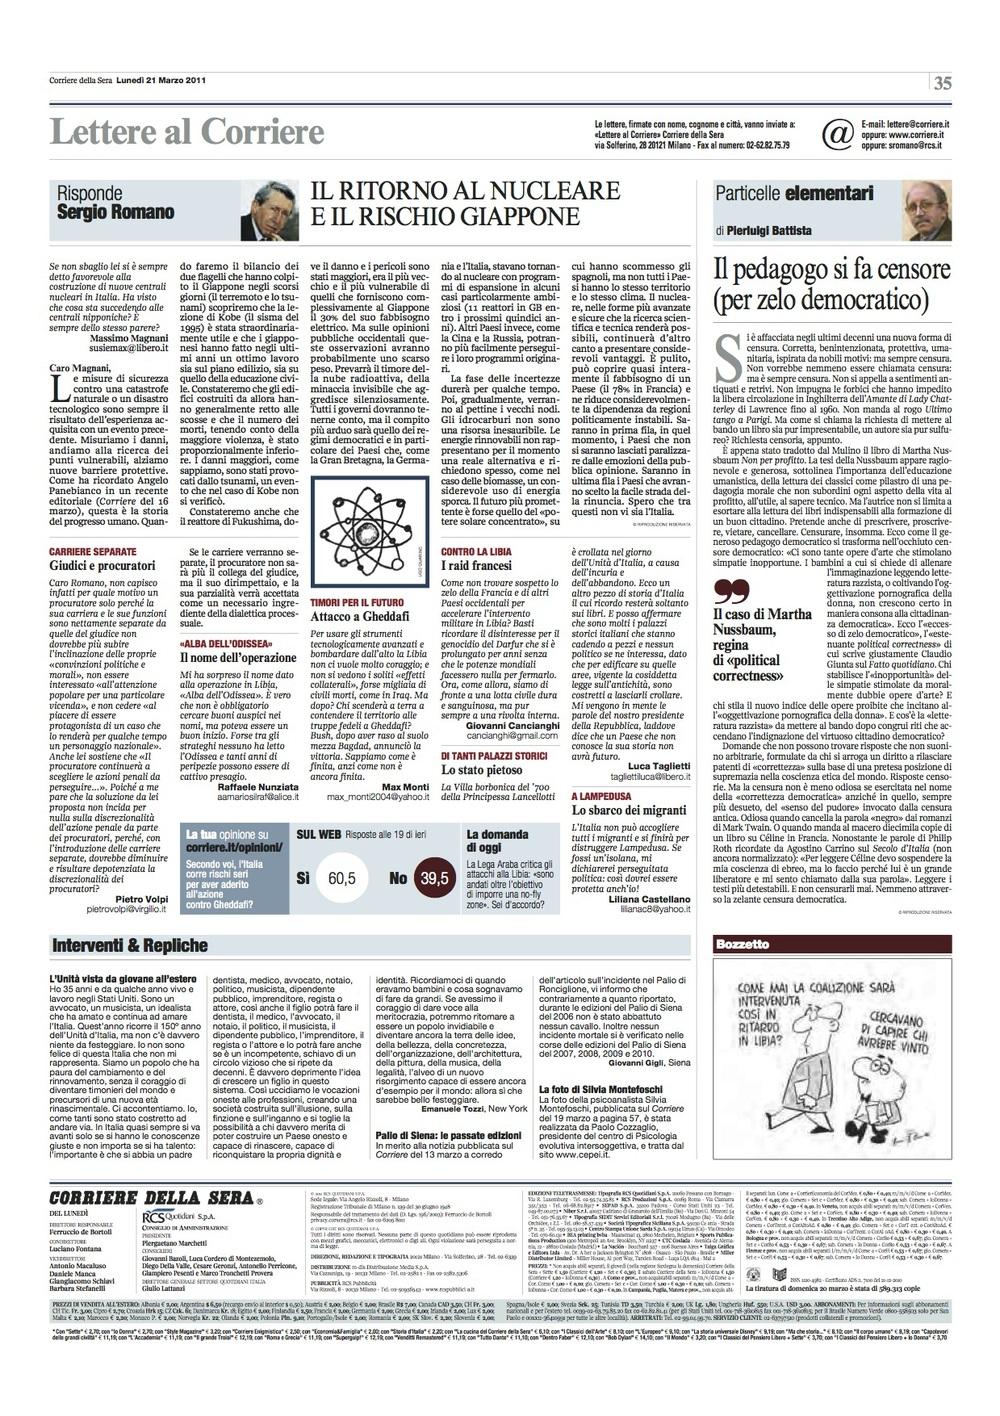 corriere pg 35.jpg